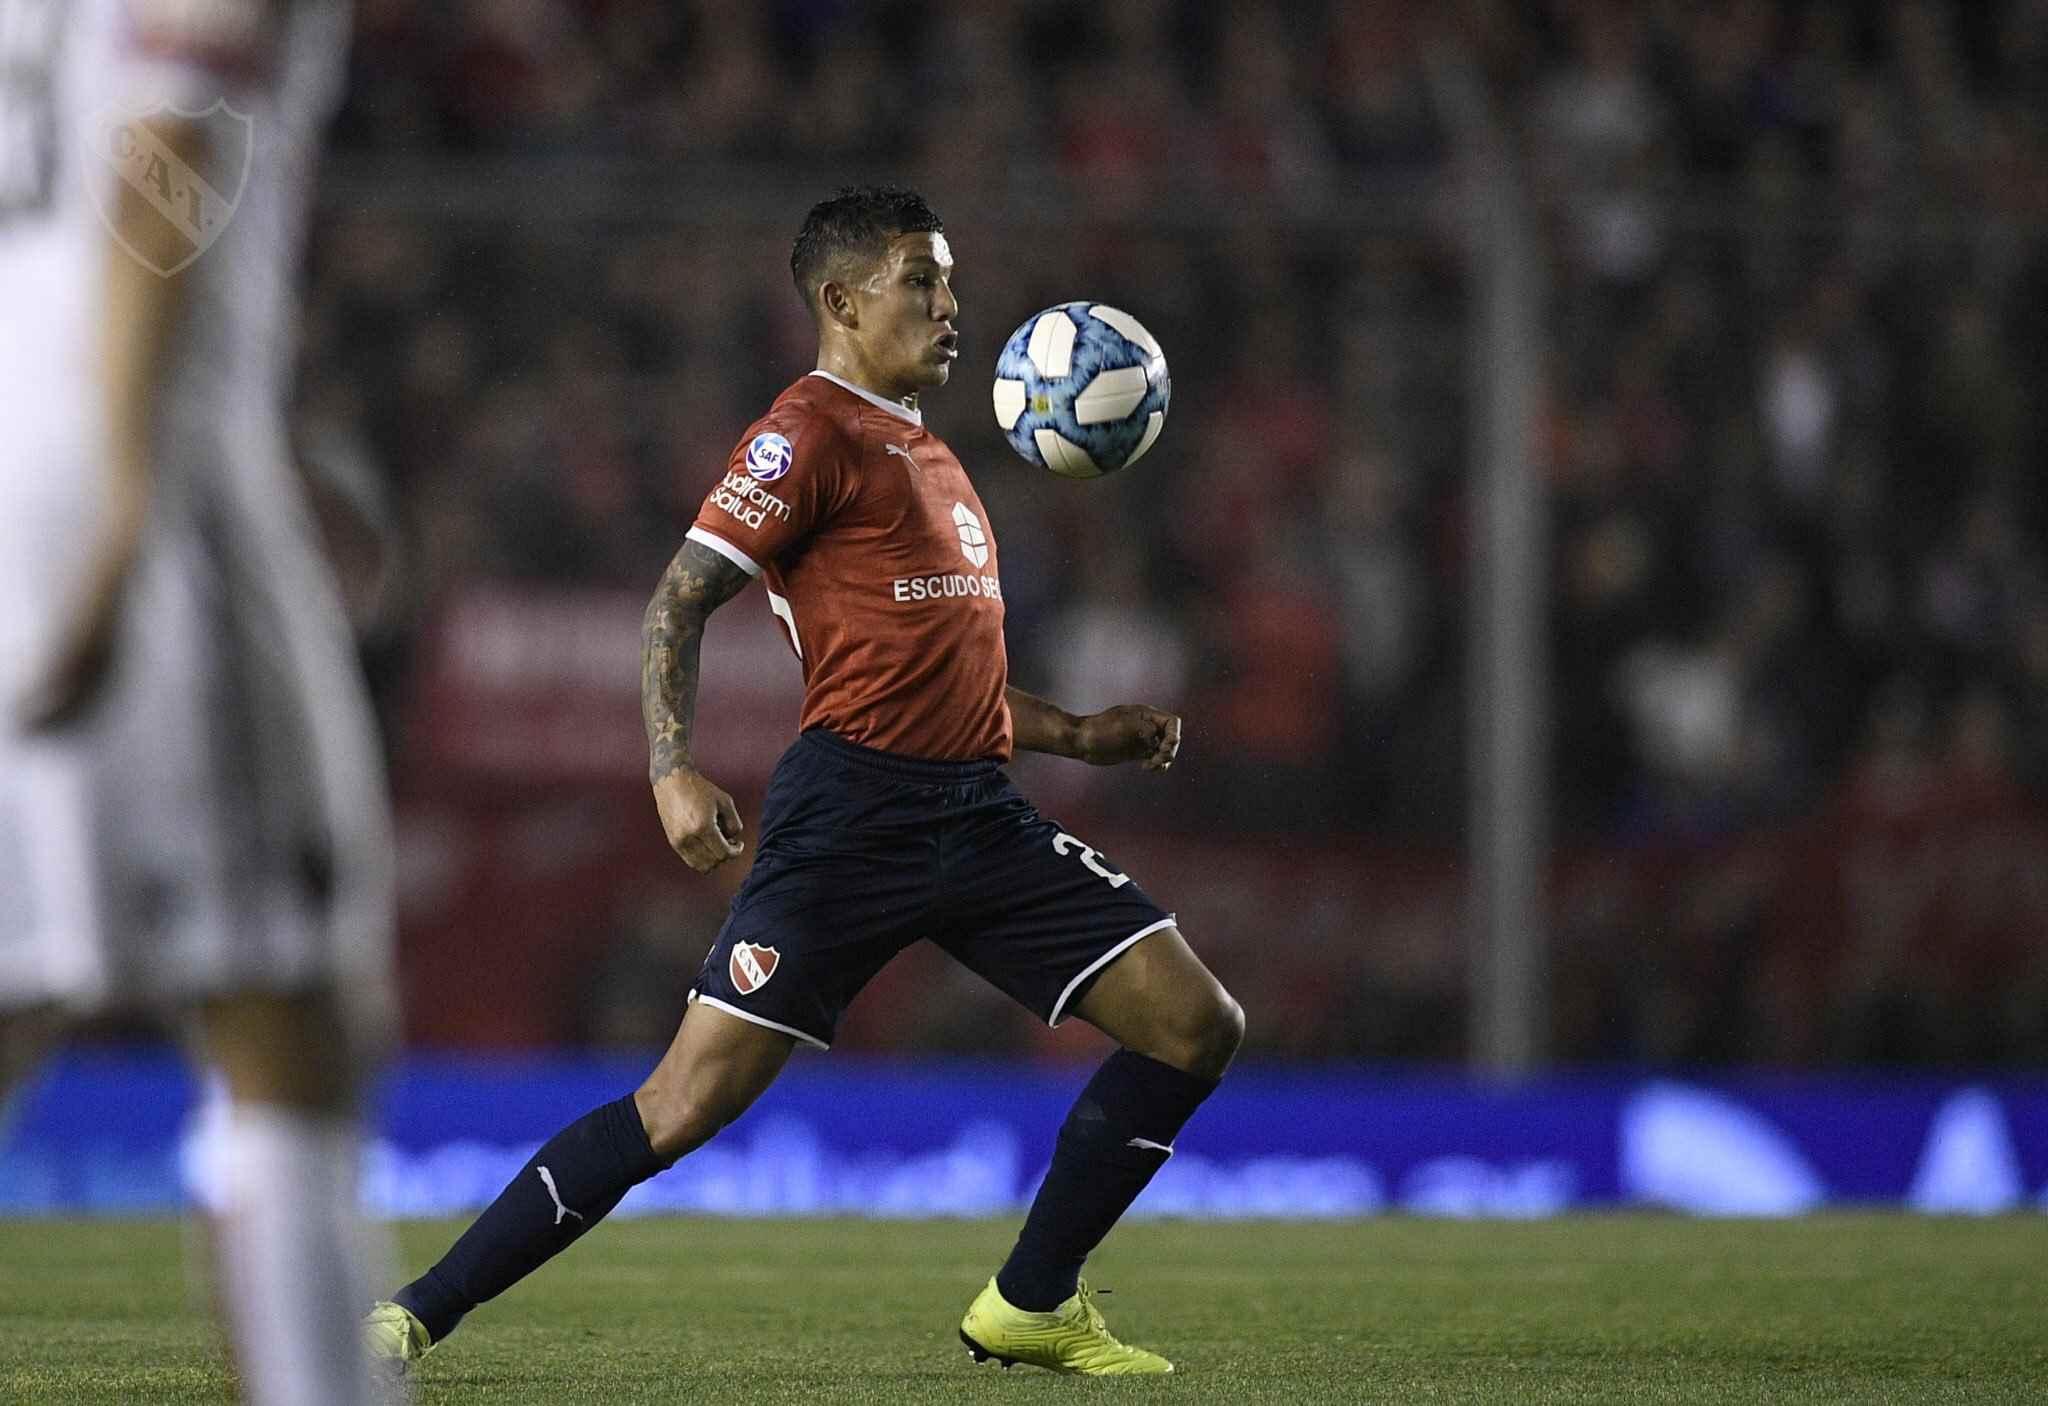 Oferta formal de Cruzeiro por Lucas Romero - Todas las noticias de  Independiente | Soy Del Rojo